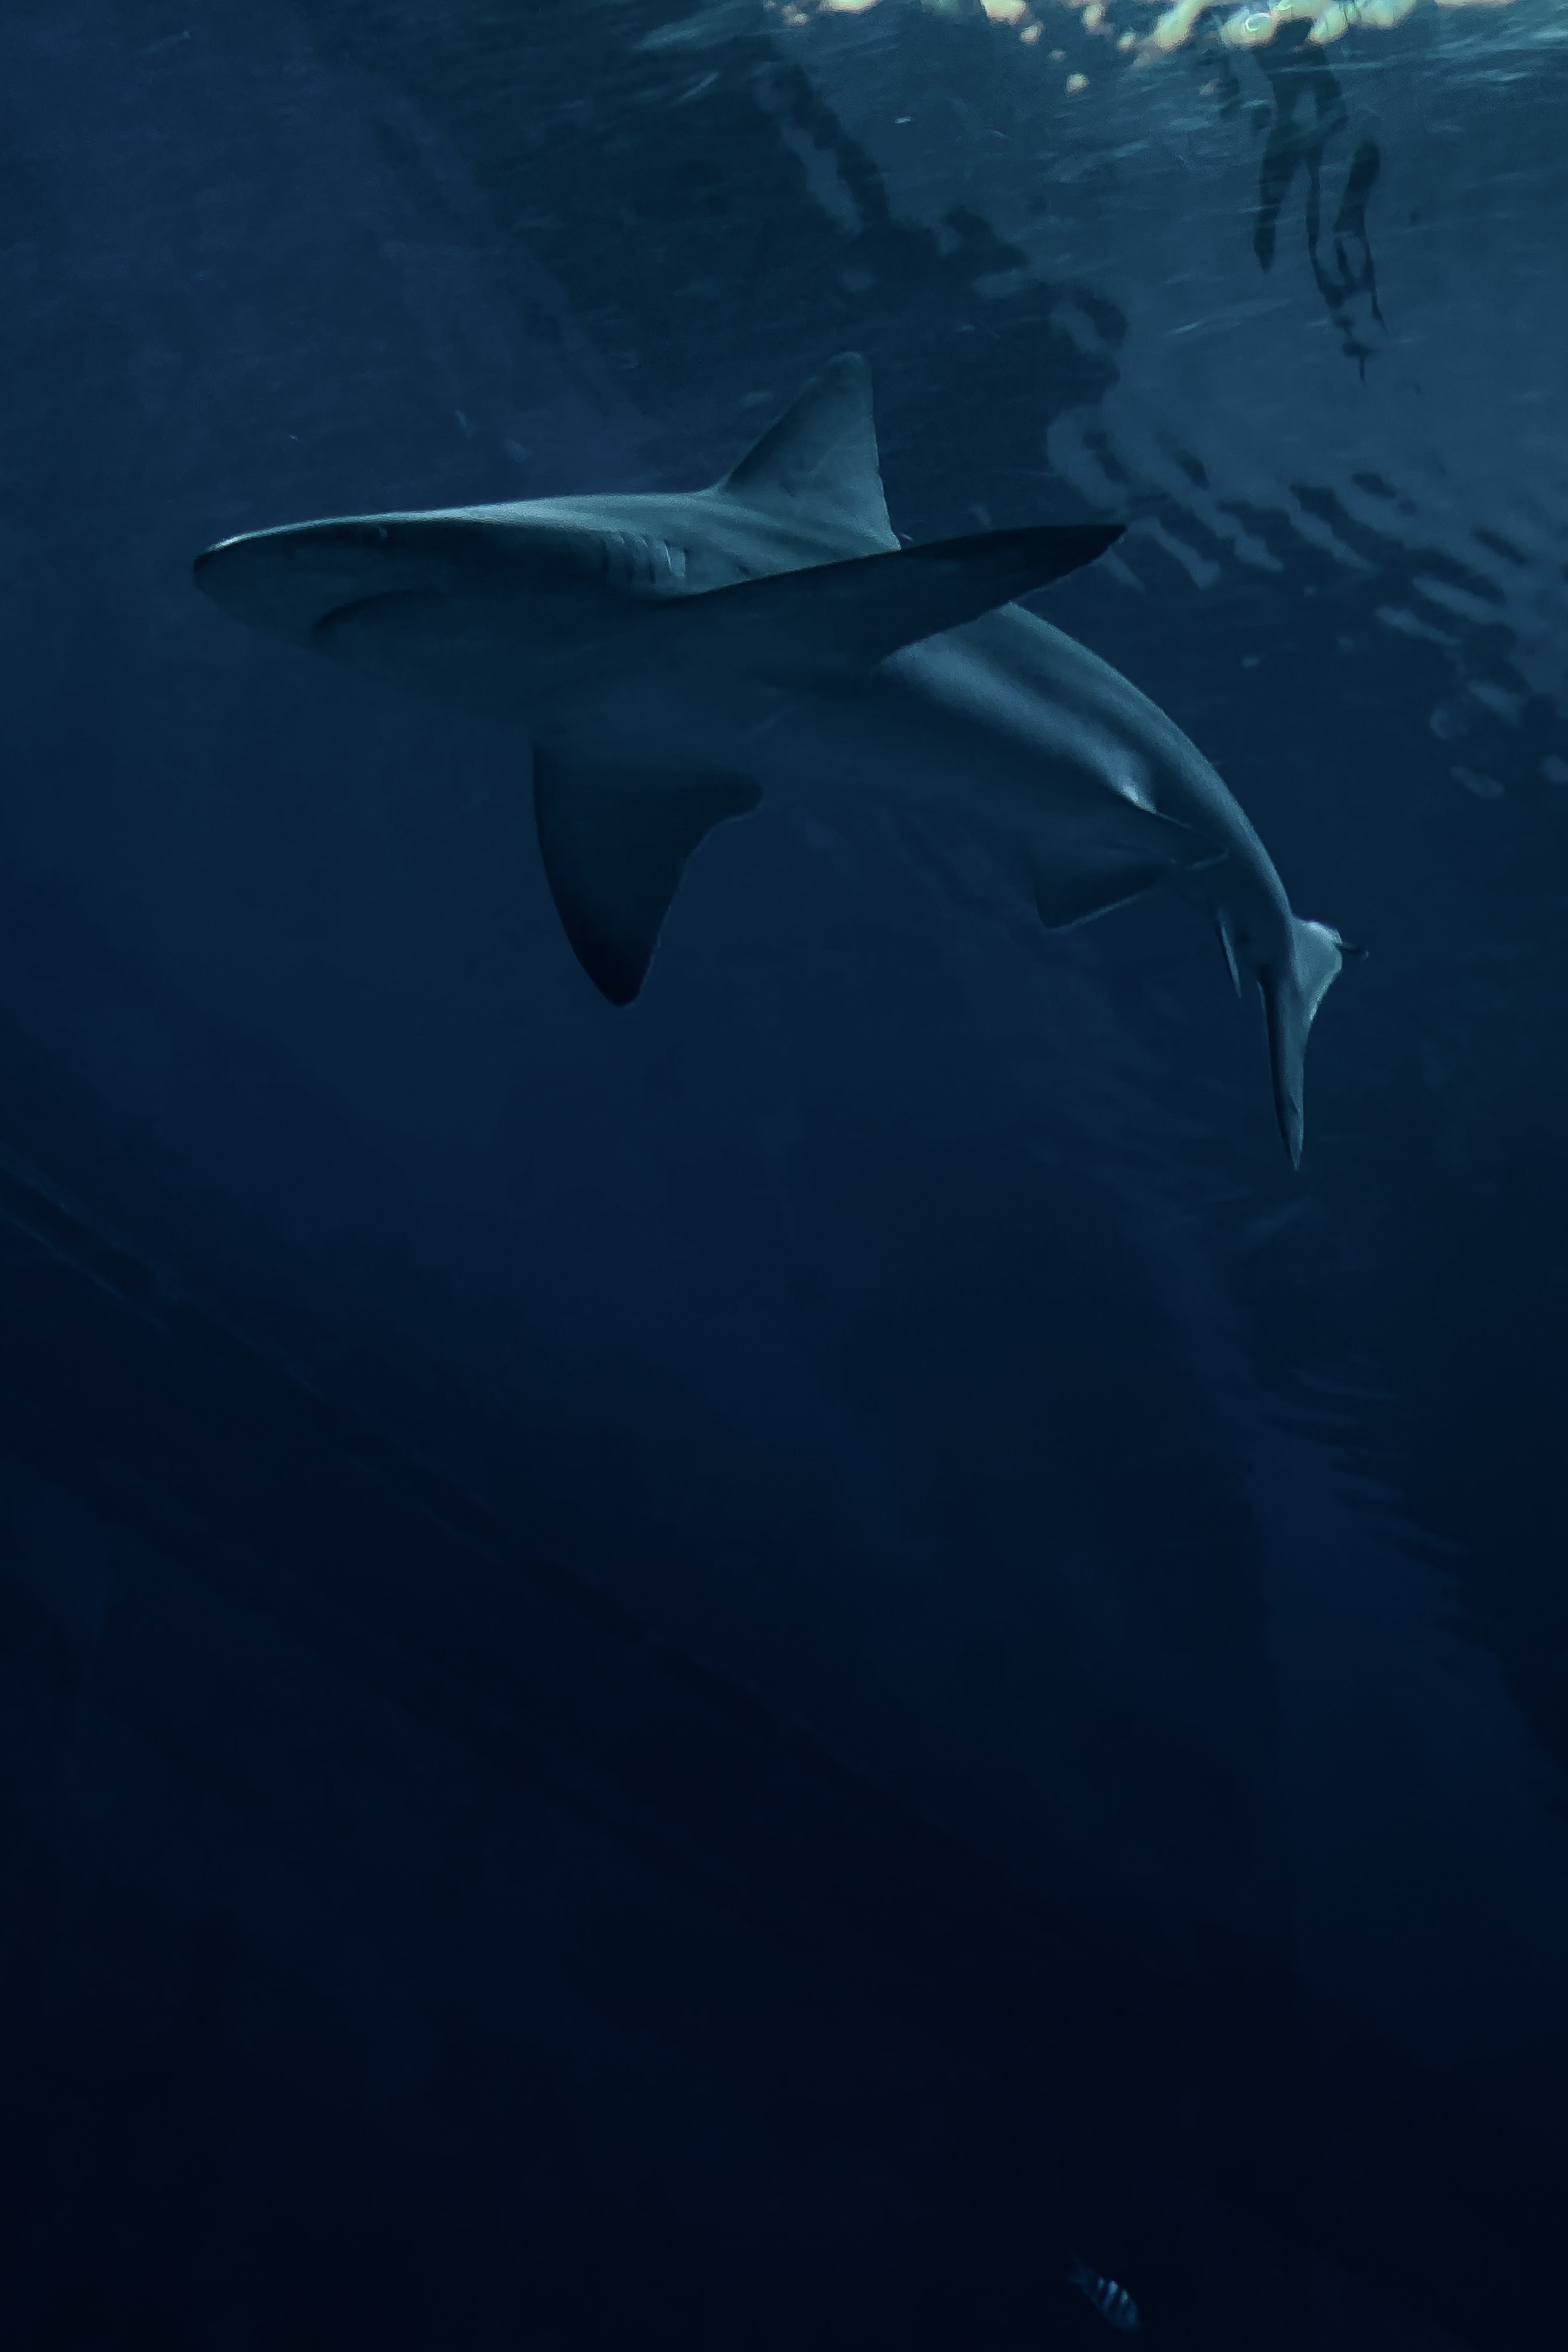 99740 скачать обои Темные, Акула, Хищник, Рыба, Темный - заставки и картинки бесплатно